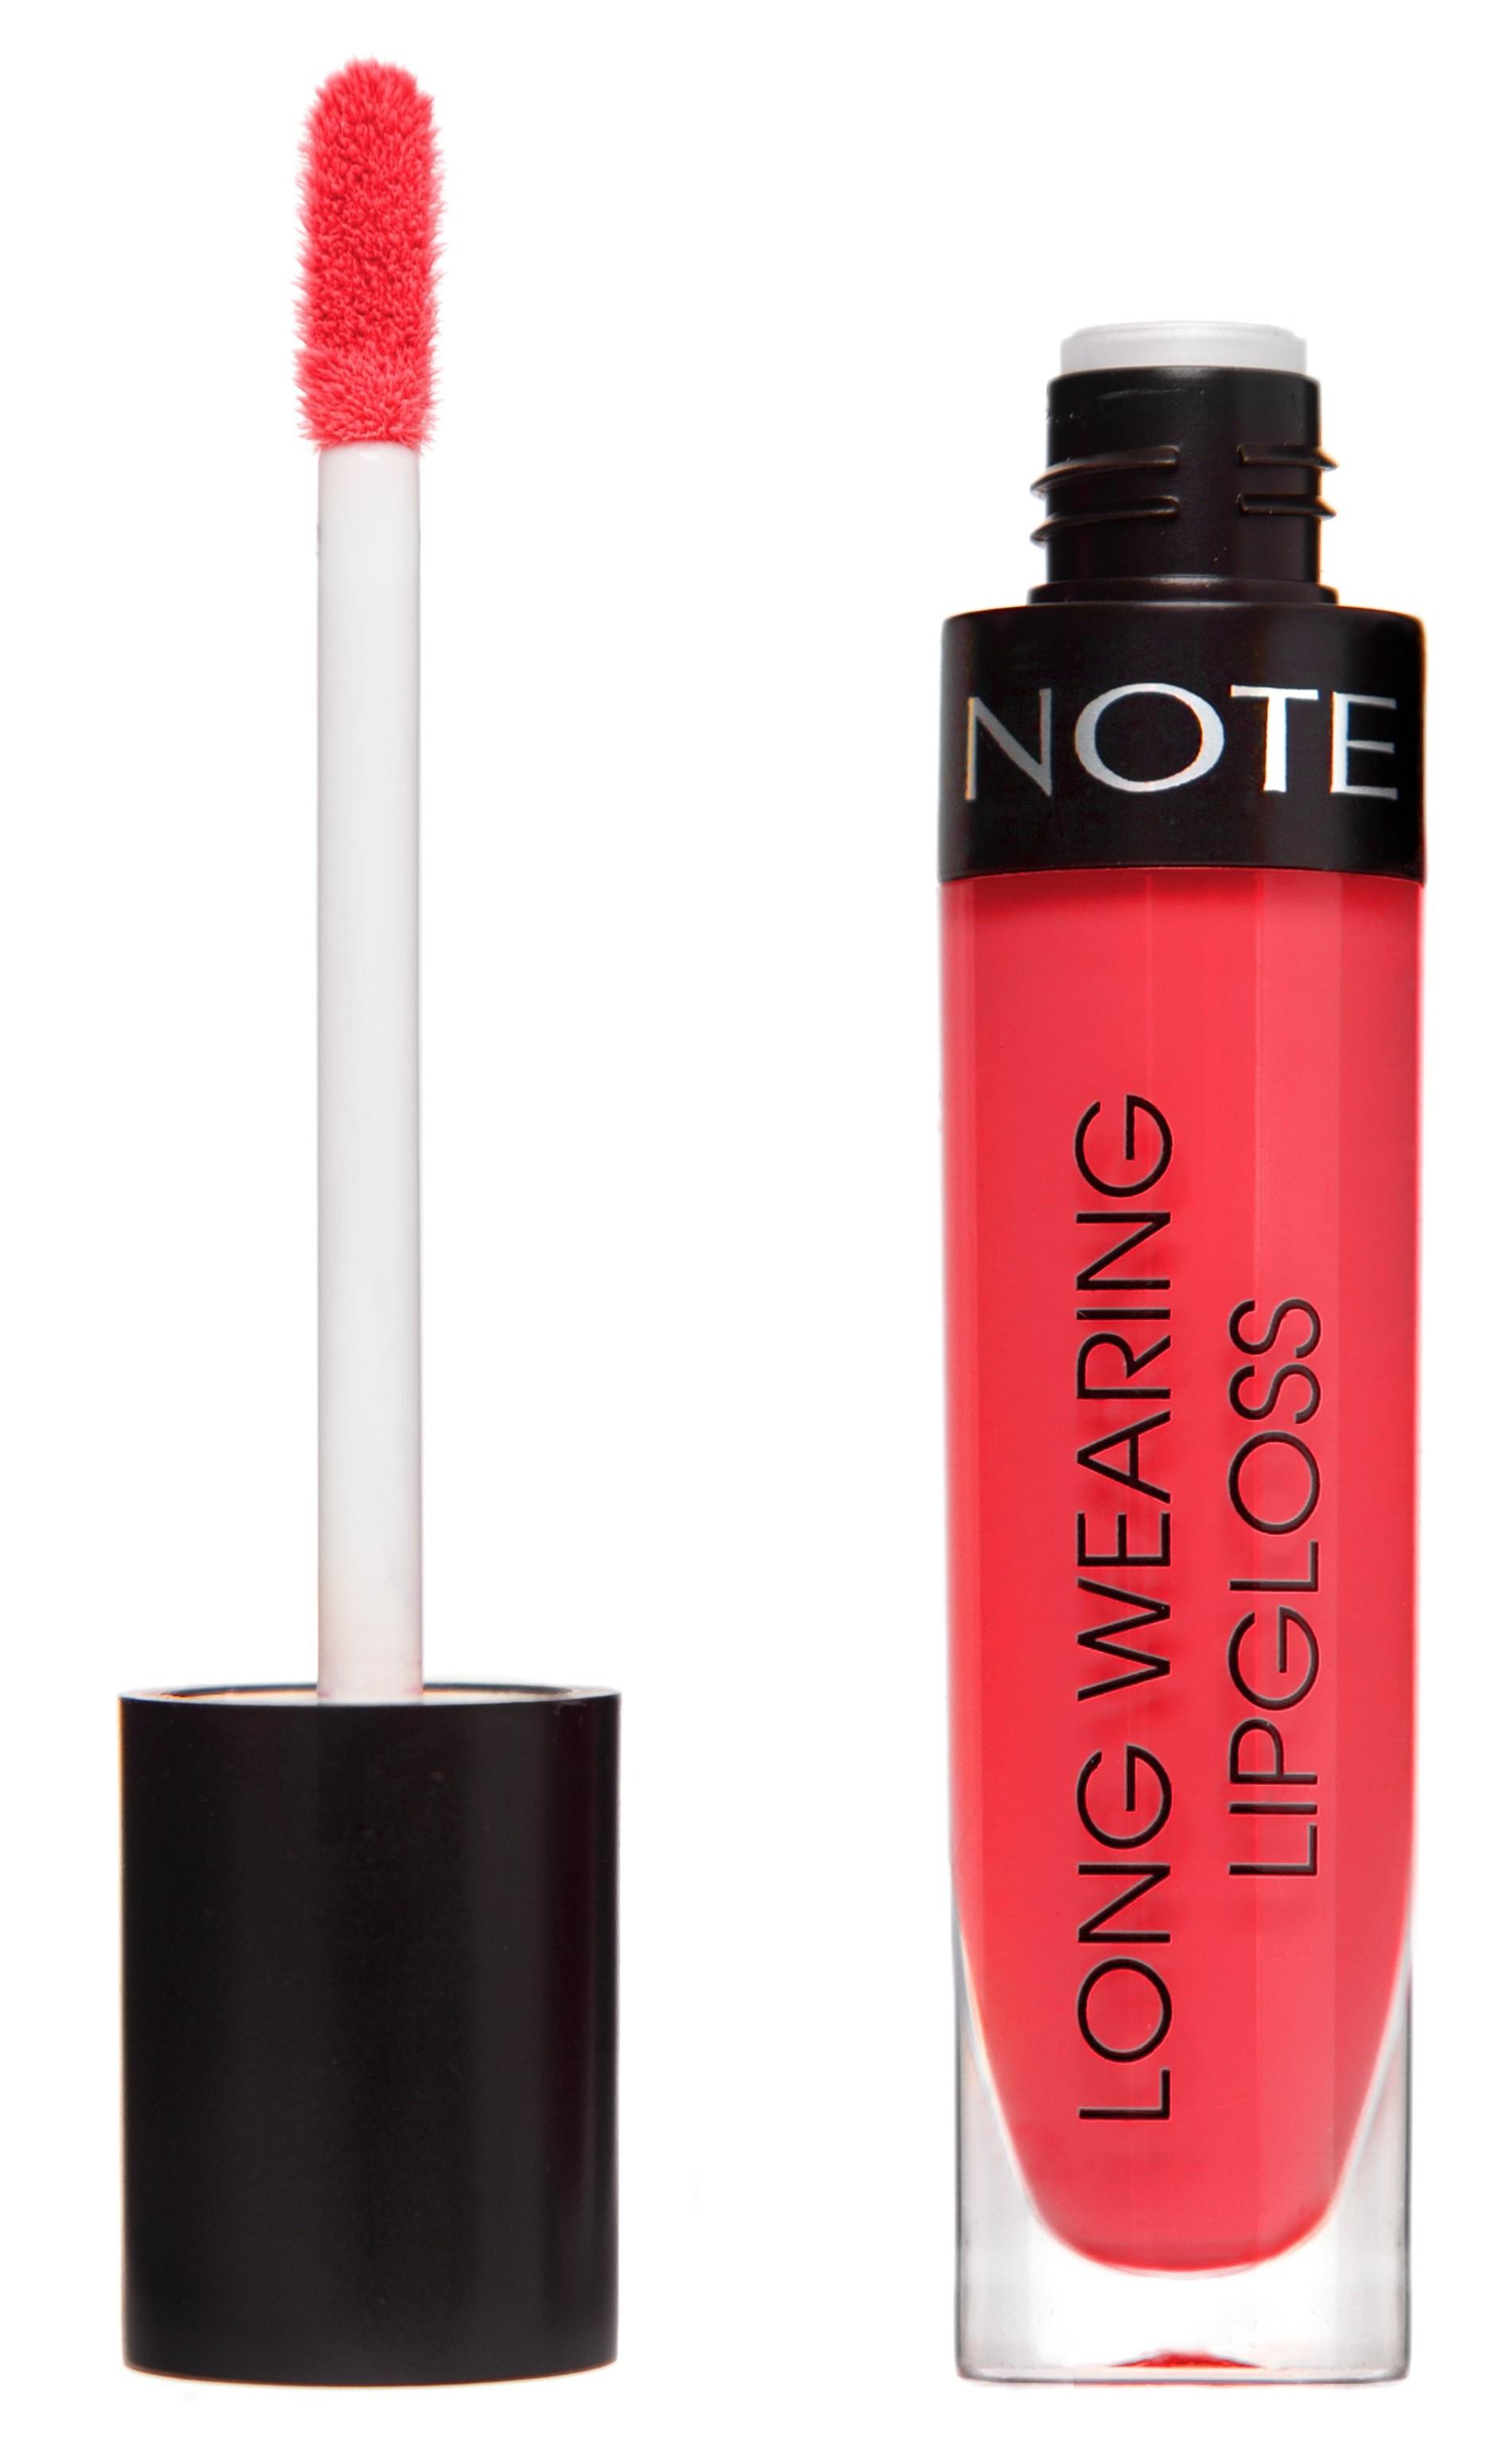 Купить NOTE Cosmetics Блеск стойкий для губ 14 / LONG WEARING LIPGLOSS 6 мл